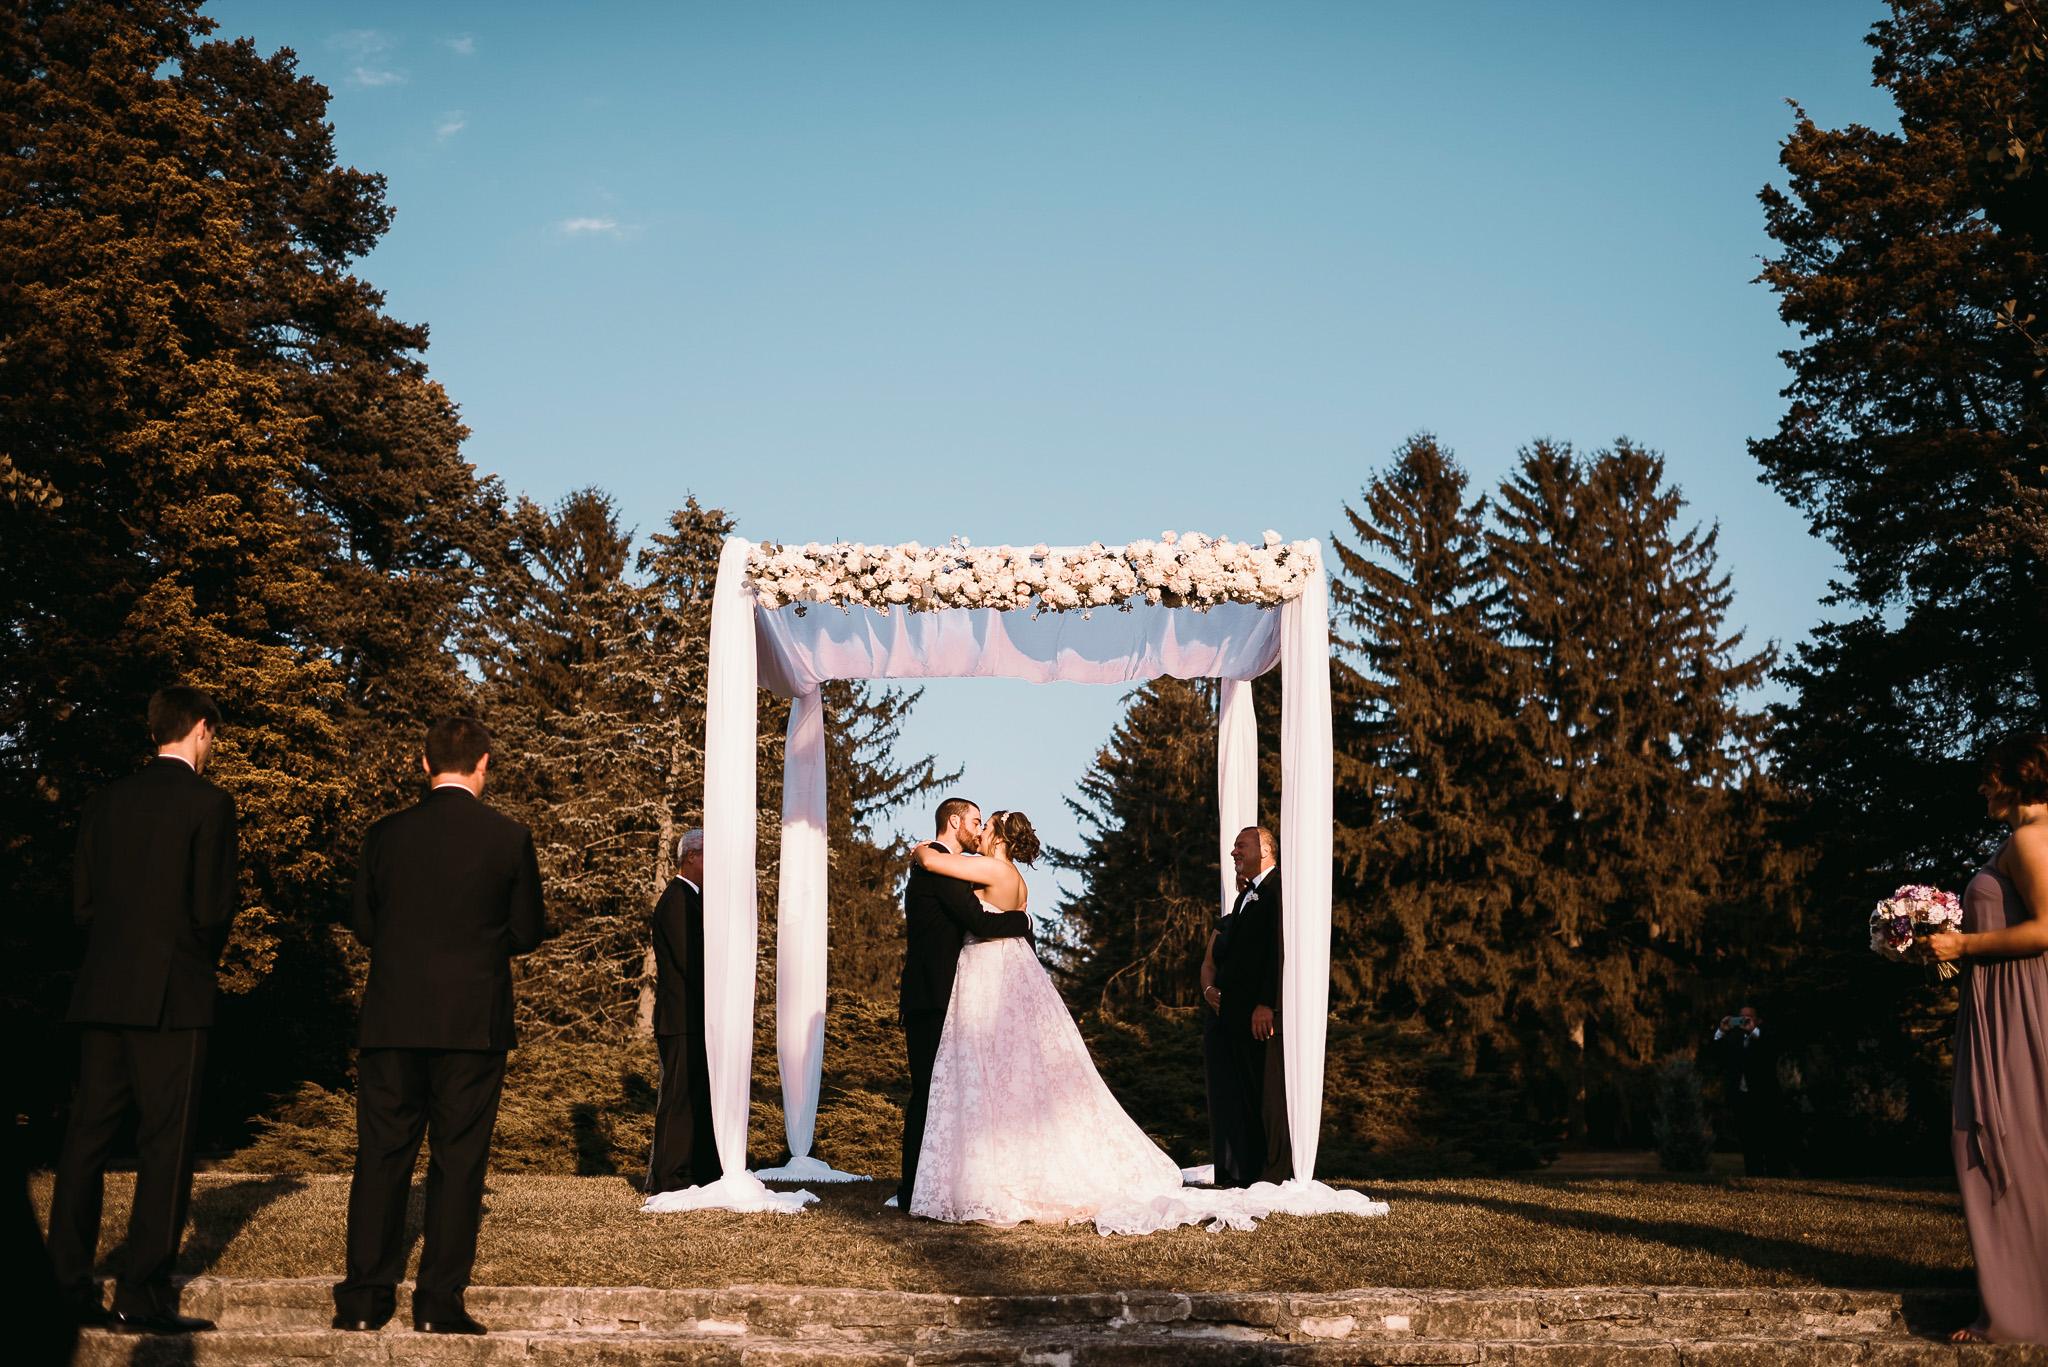 Julie & Bryan's Wedding at the Morton Arboretum Gingko Room